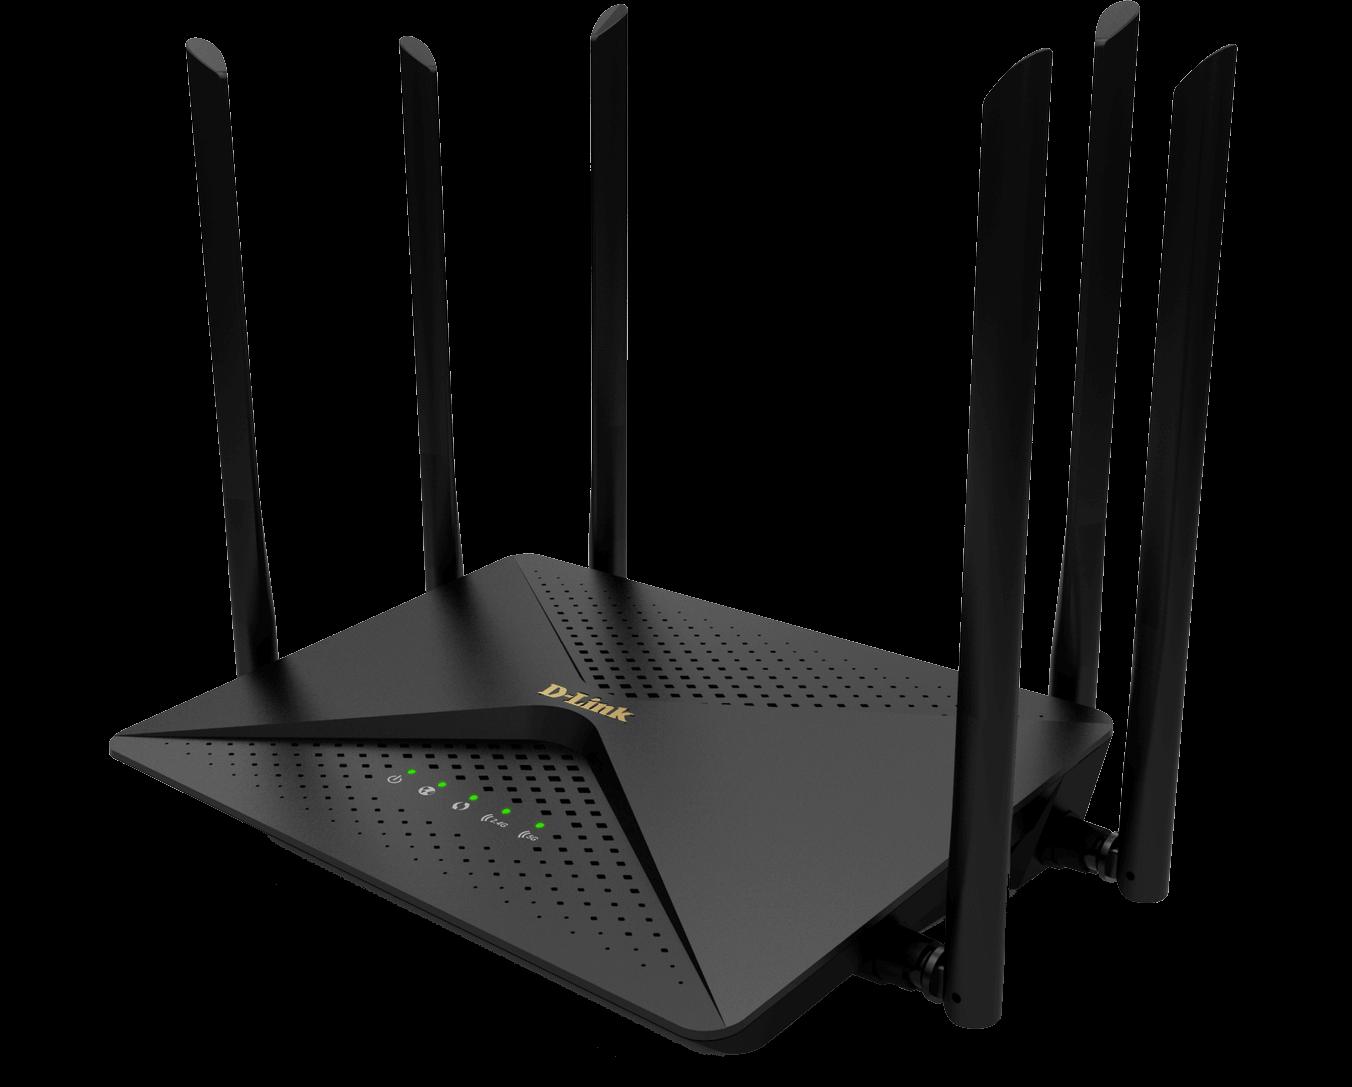 Roteador Wi-Fi D-Link DIR-846 AC1200 - Gigabit